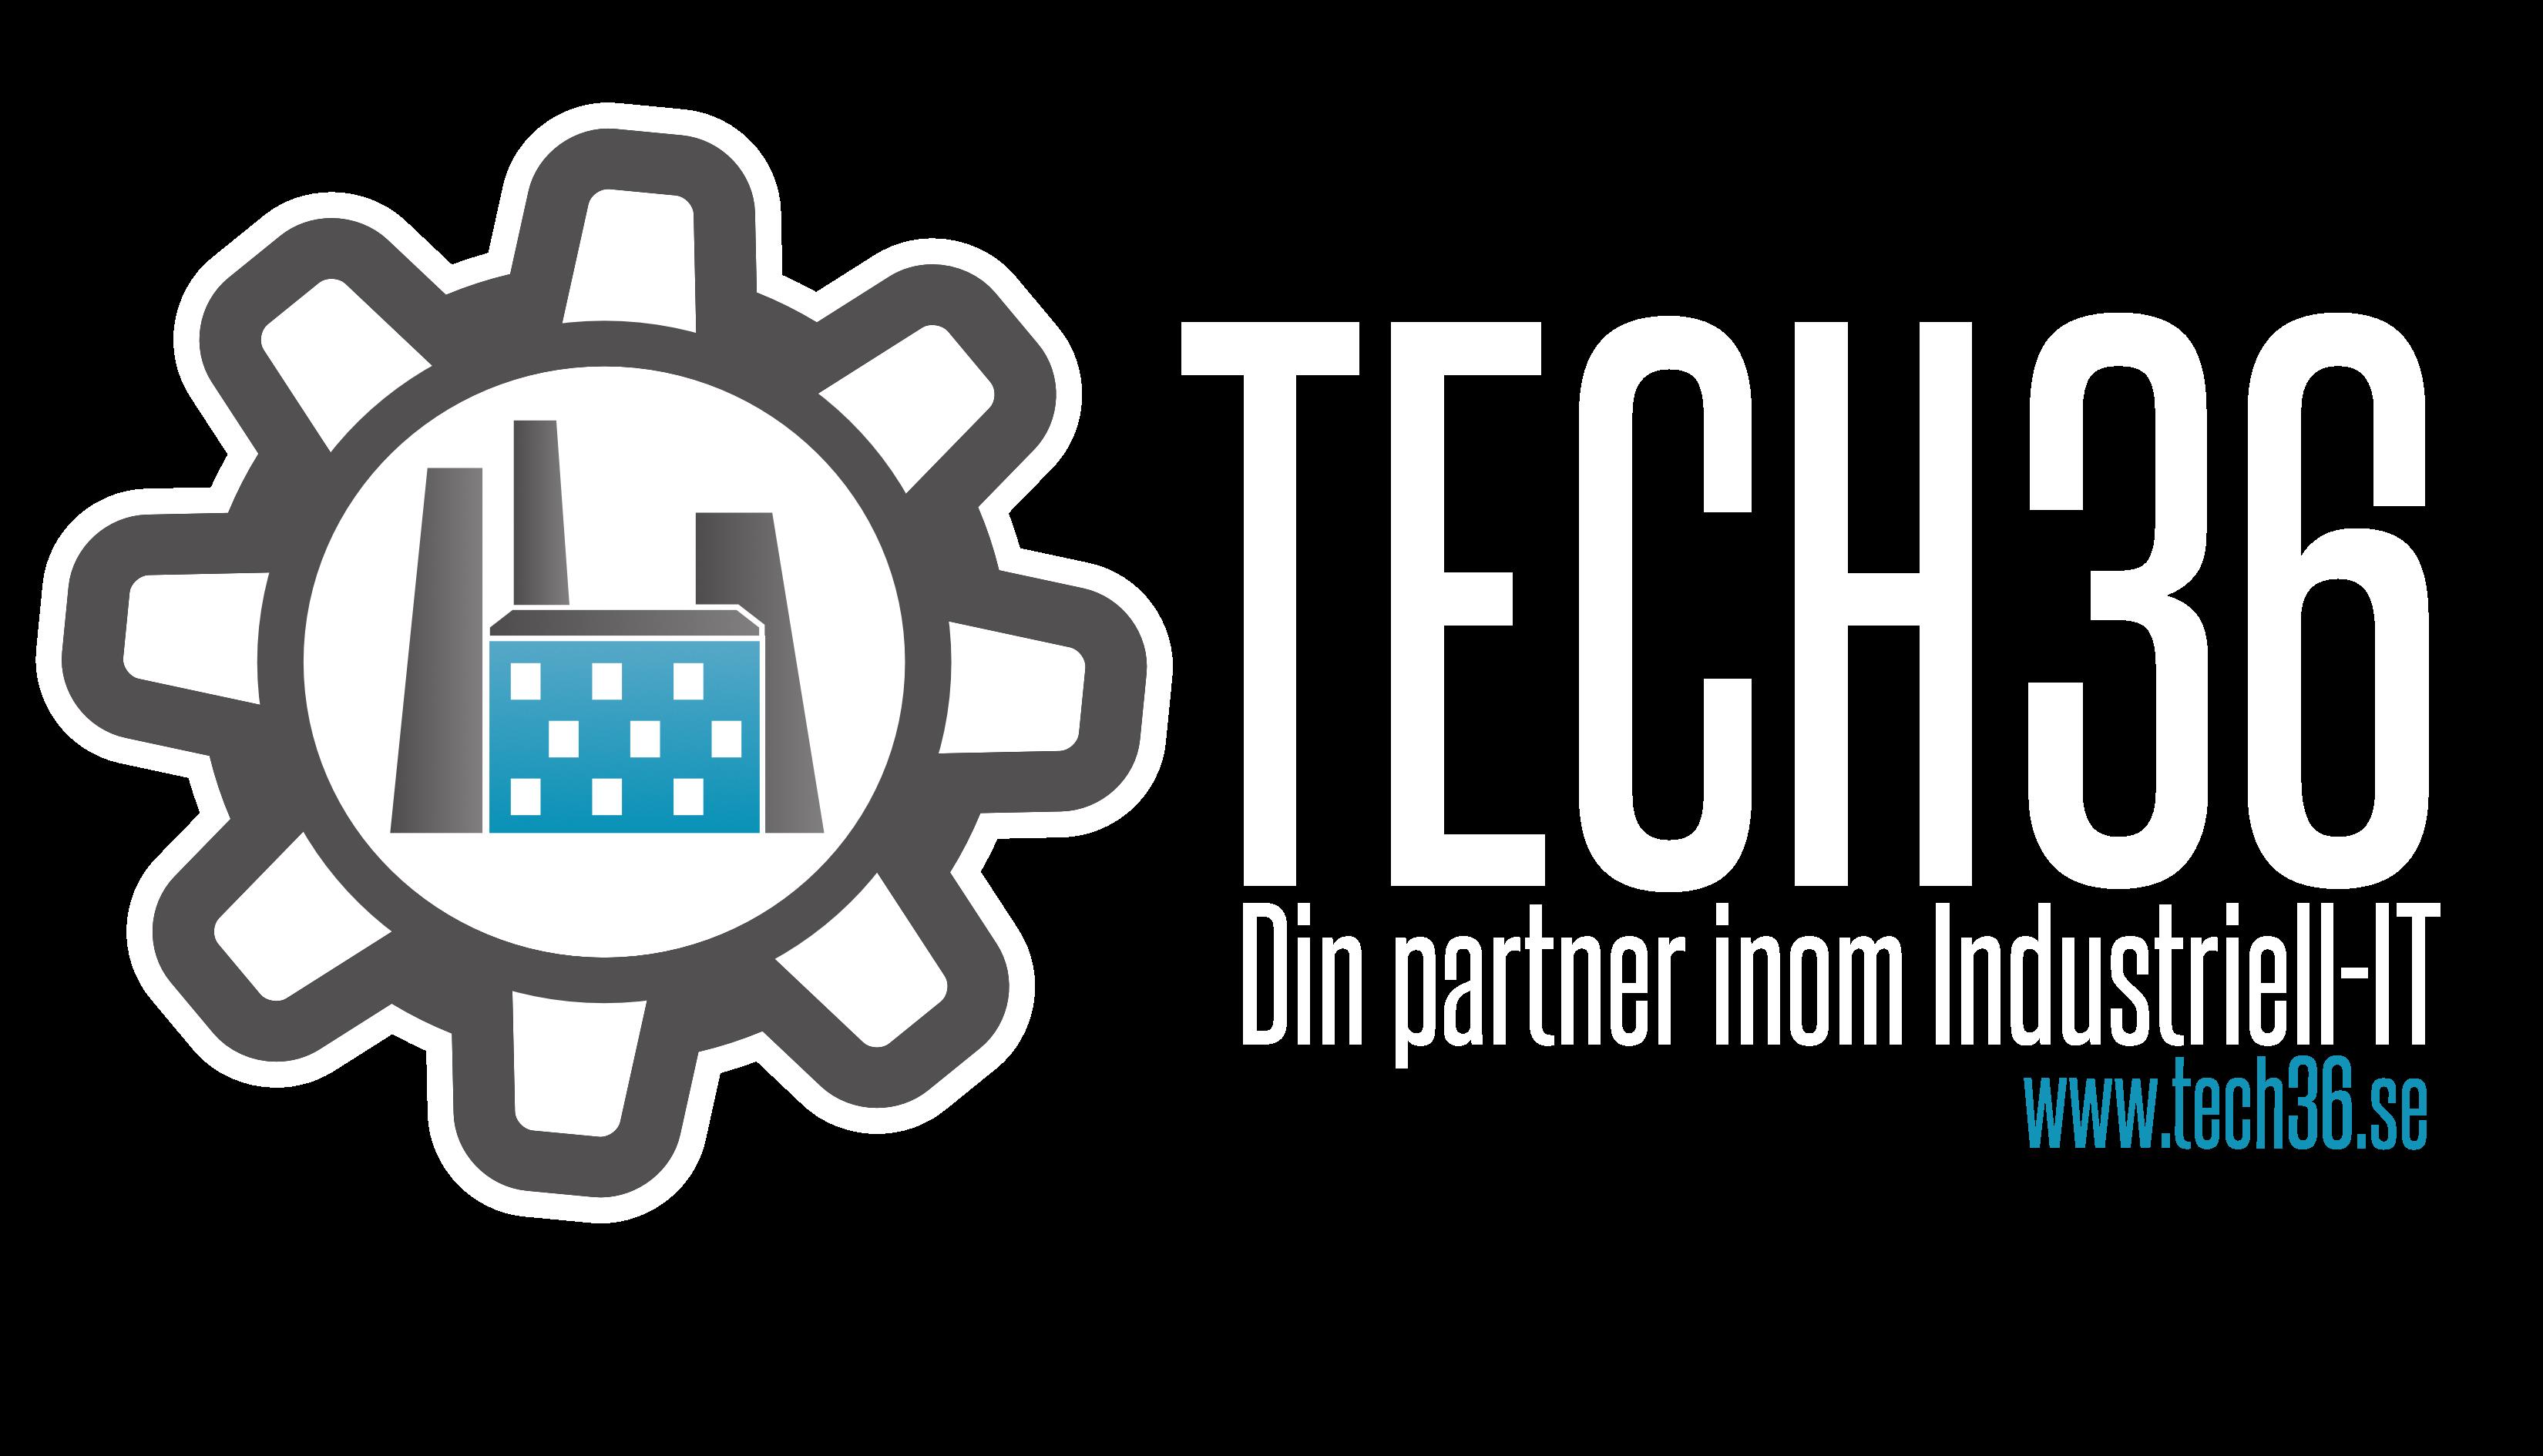 Tech36